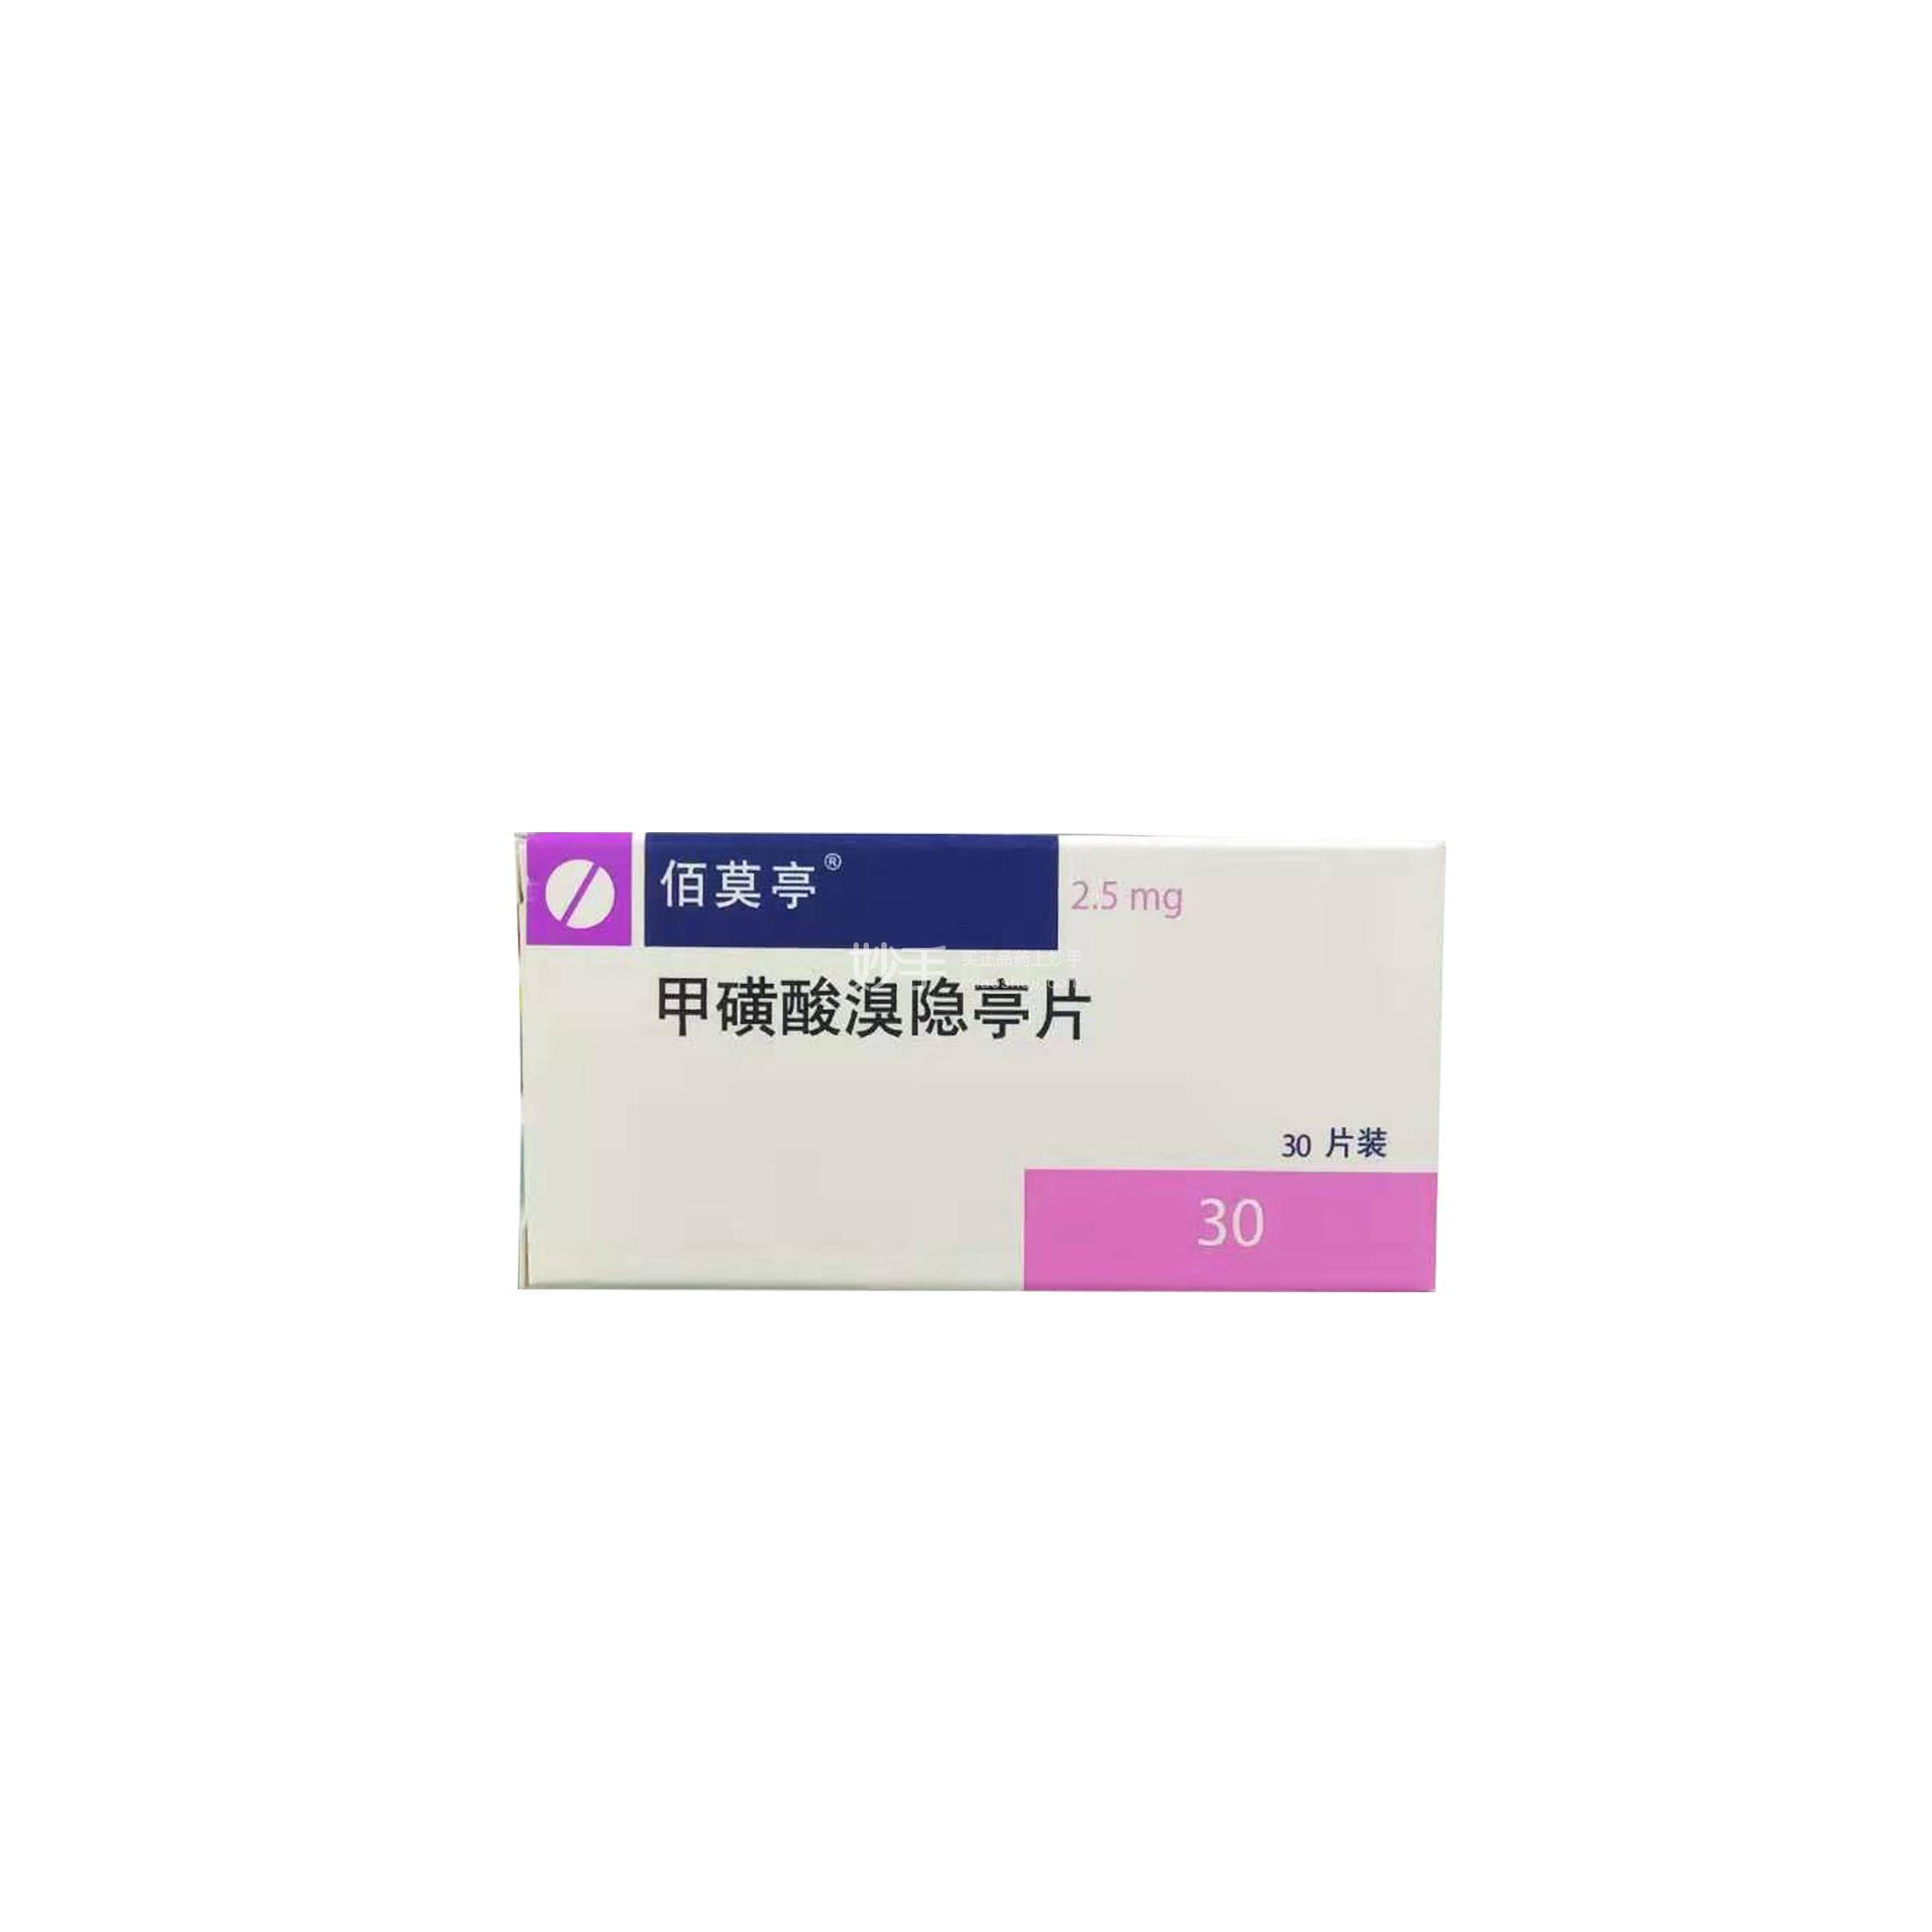 佰莫亭 甲磺酸溴隐亭片 2.5mg*30片